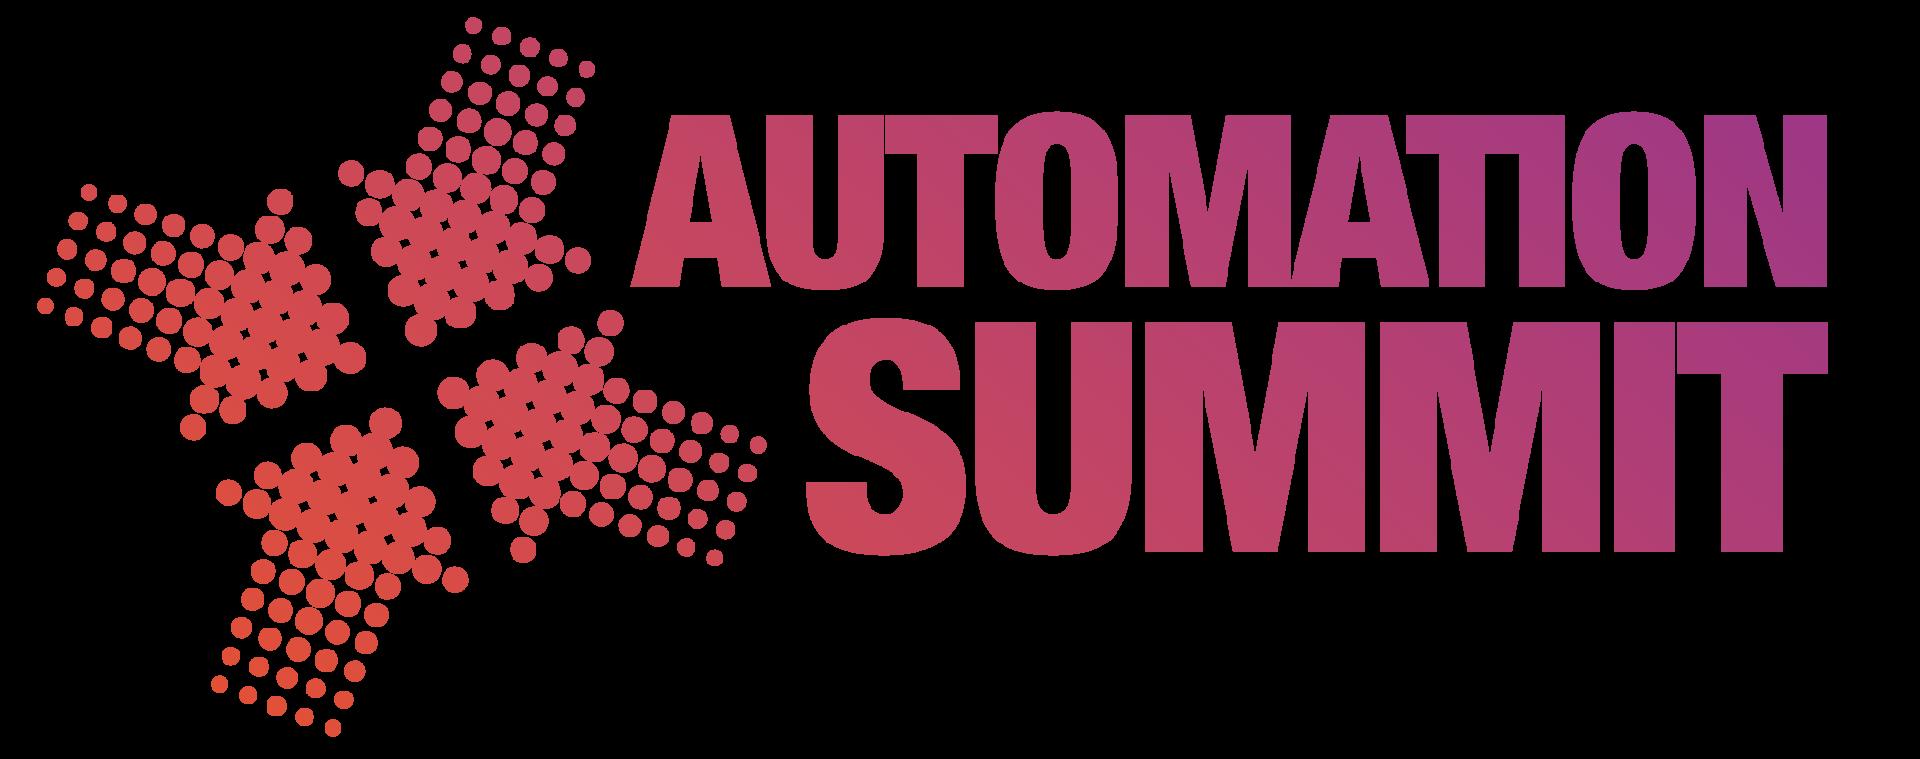 Automation Summit 12 October